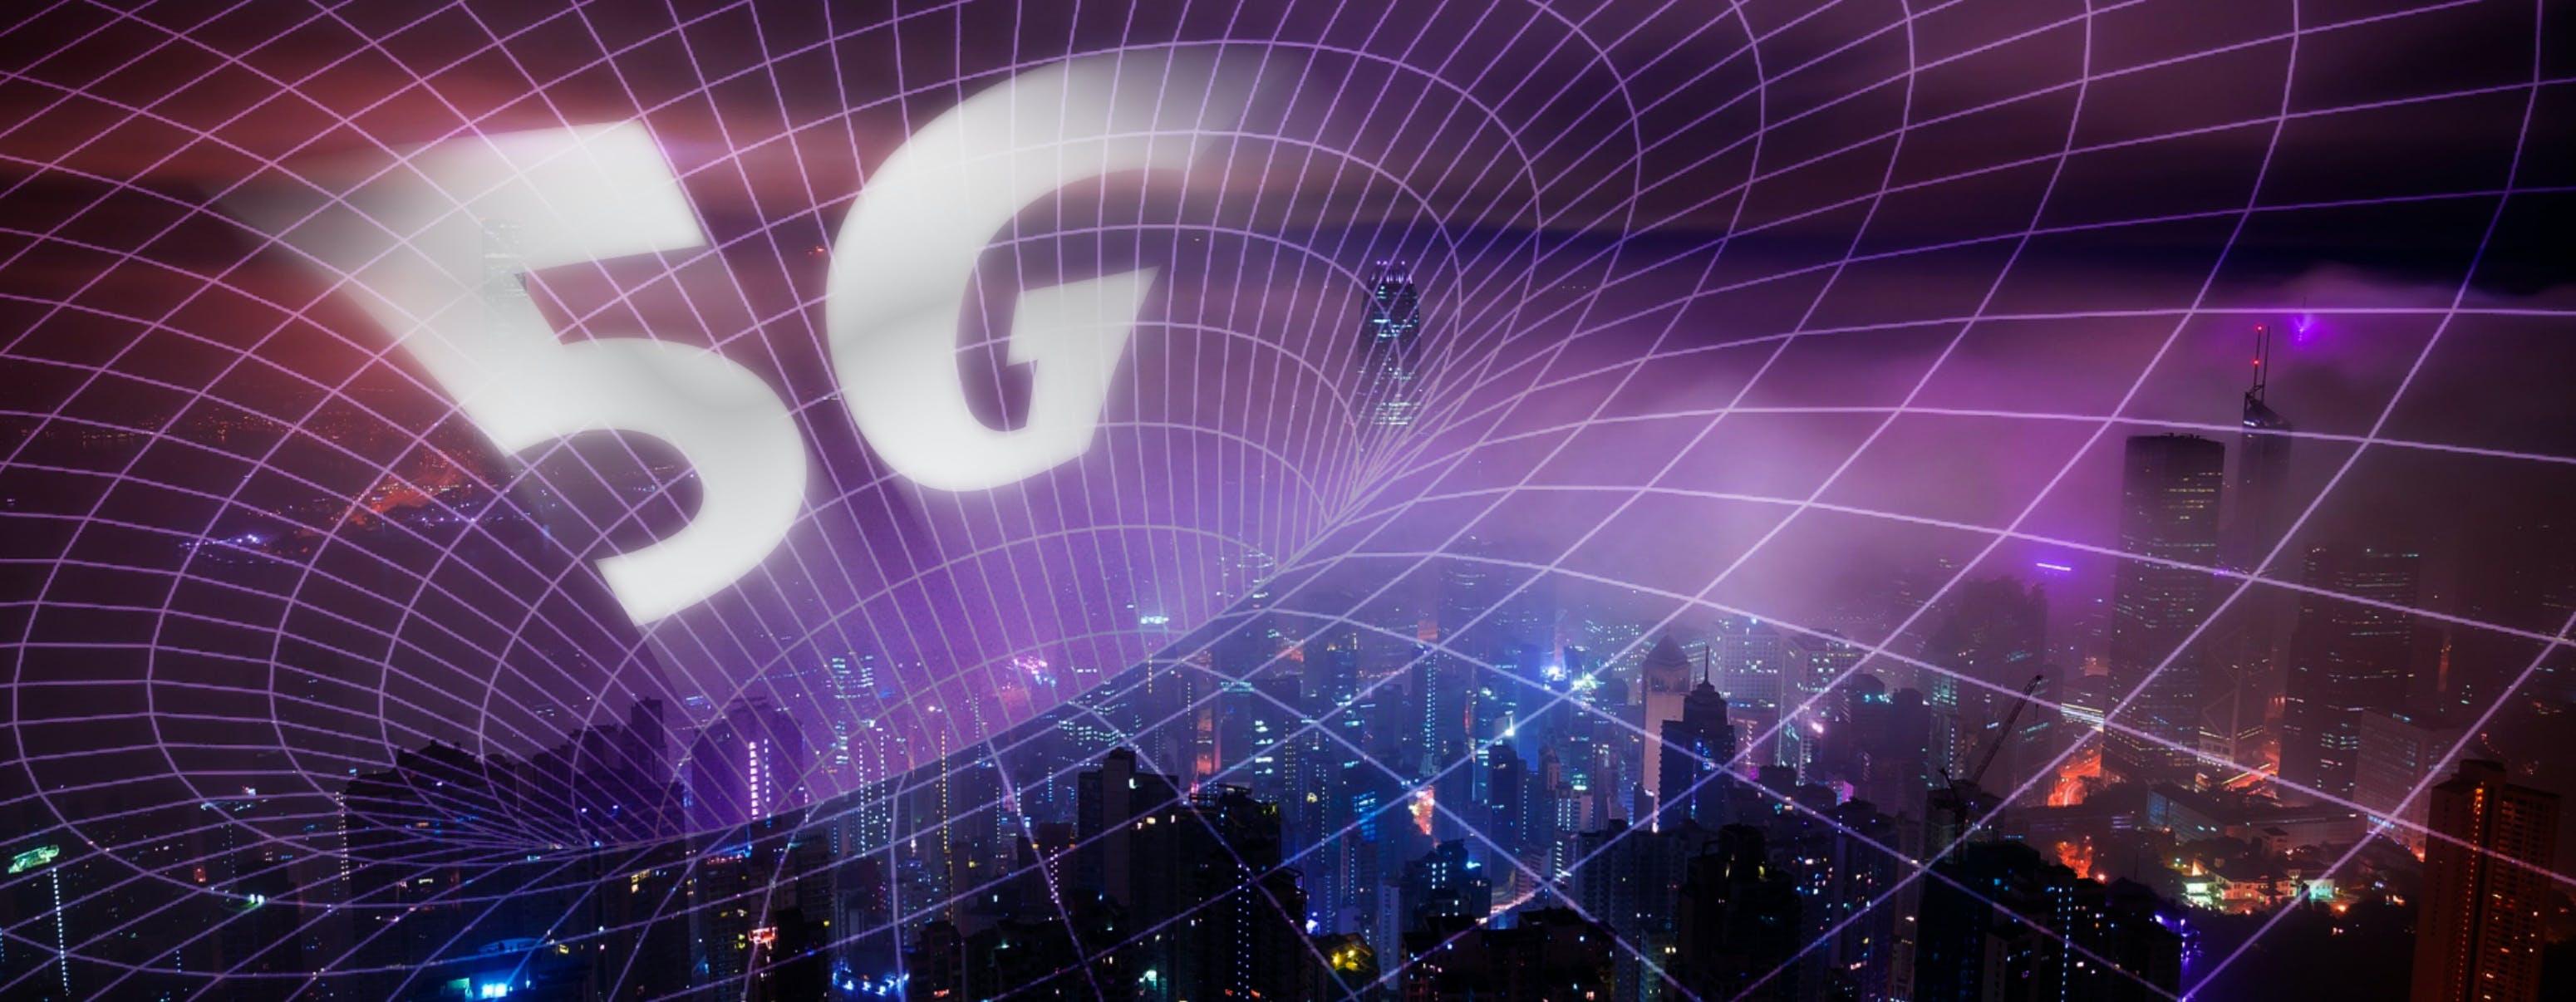 5G e salute: il super-dossier. Ecco tutti gli studi, i documenti e i fatti